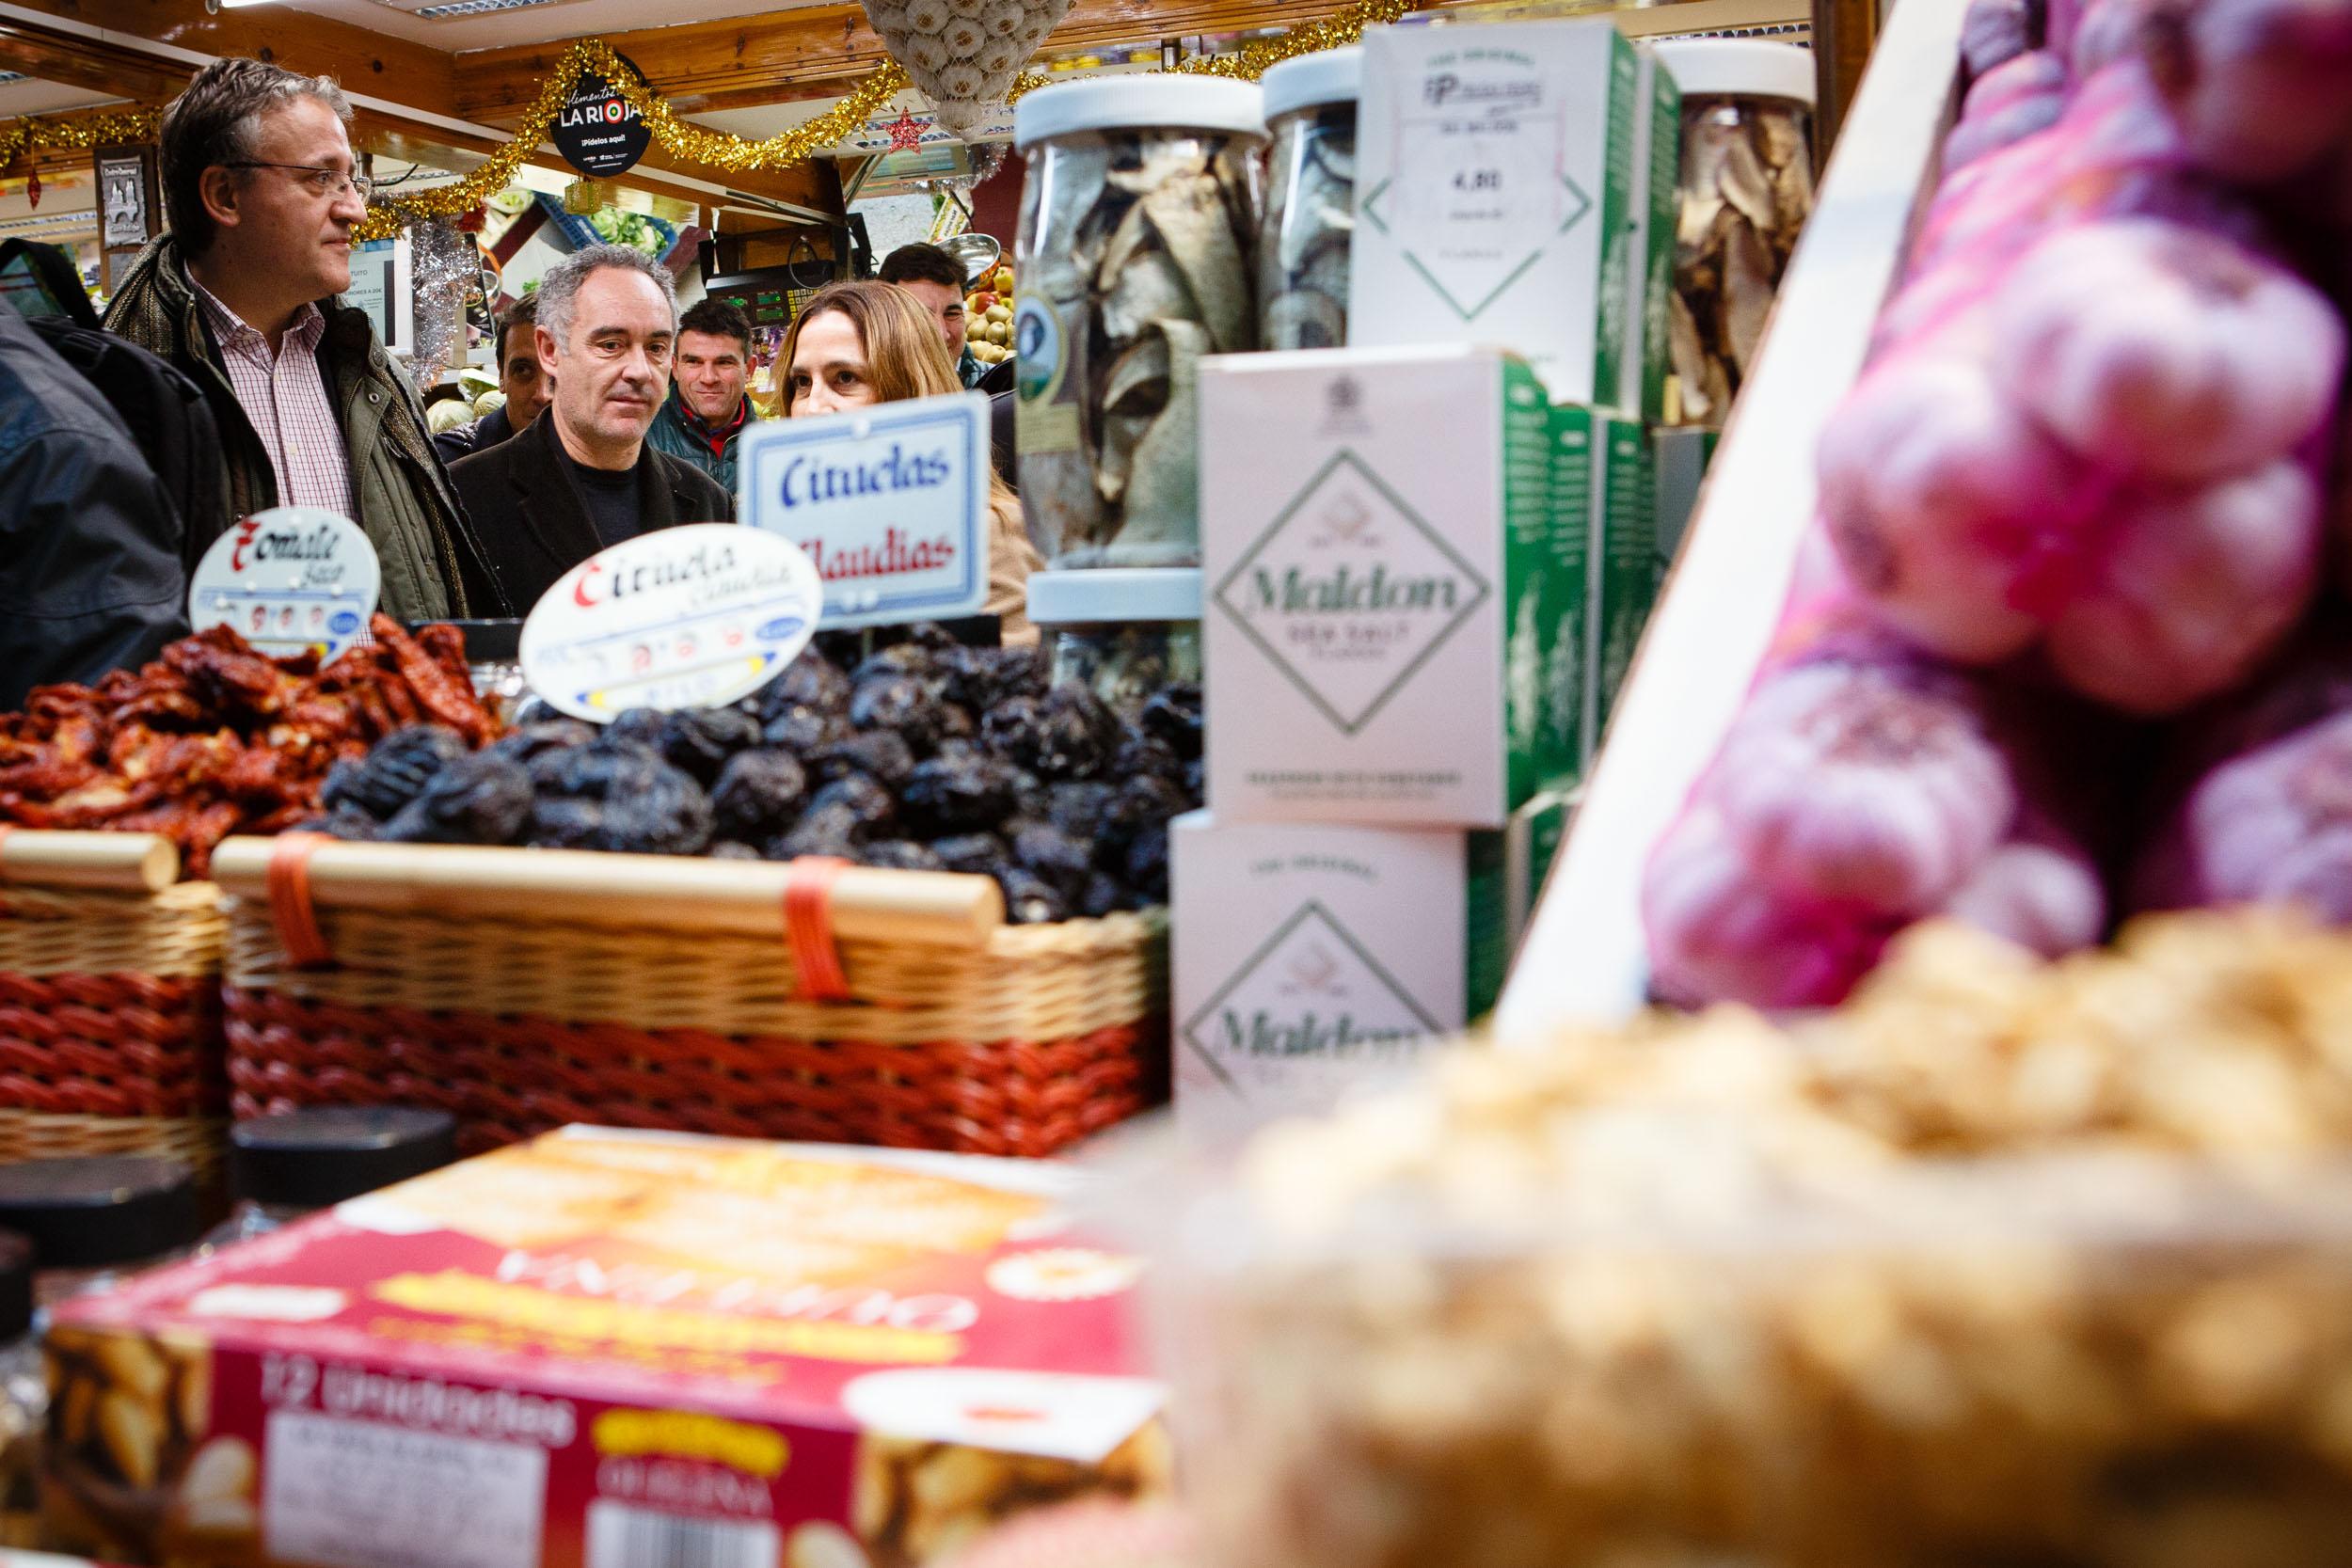 15/12/12 Ferran Adrià en Mercado de Abastos, Logroño, La Rioja. Foto por James Sturcke   www.sturcke.org